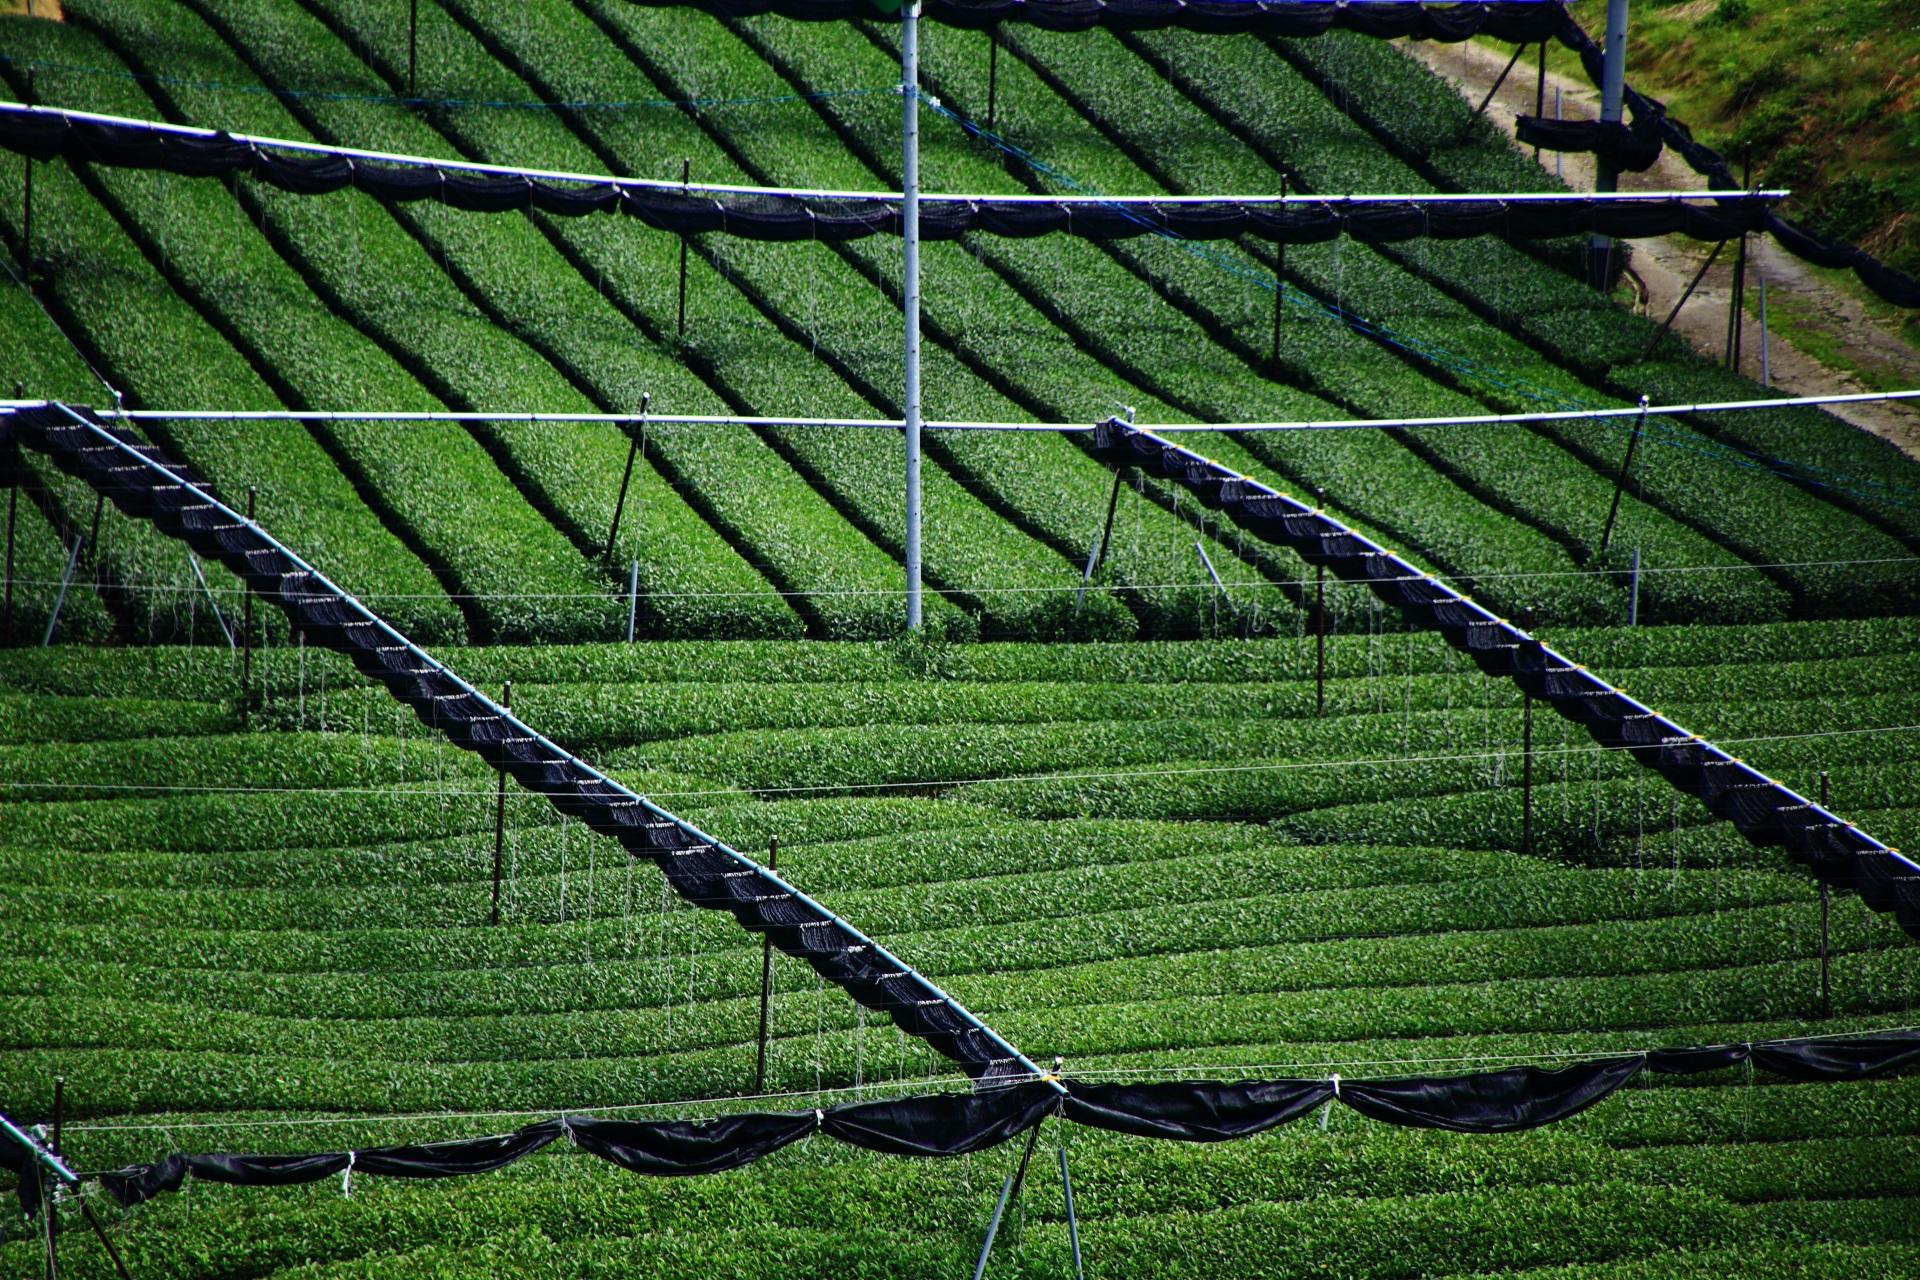 茶畑に設置される黒いシートで覆うための器具